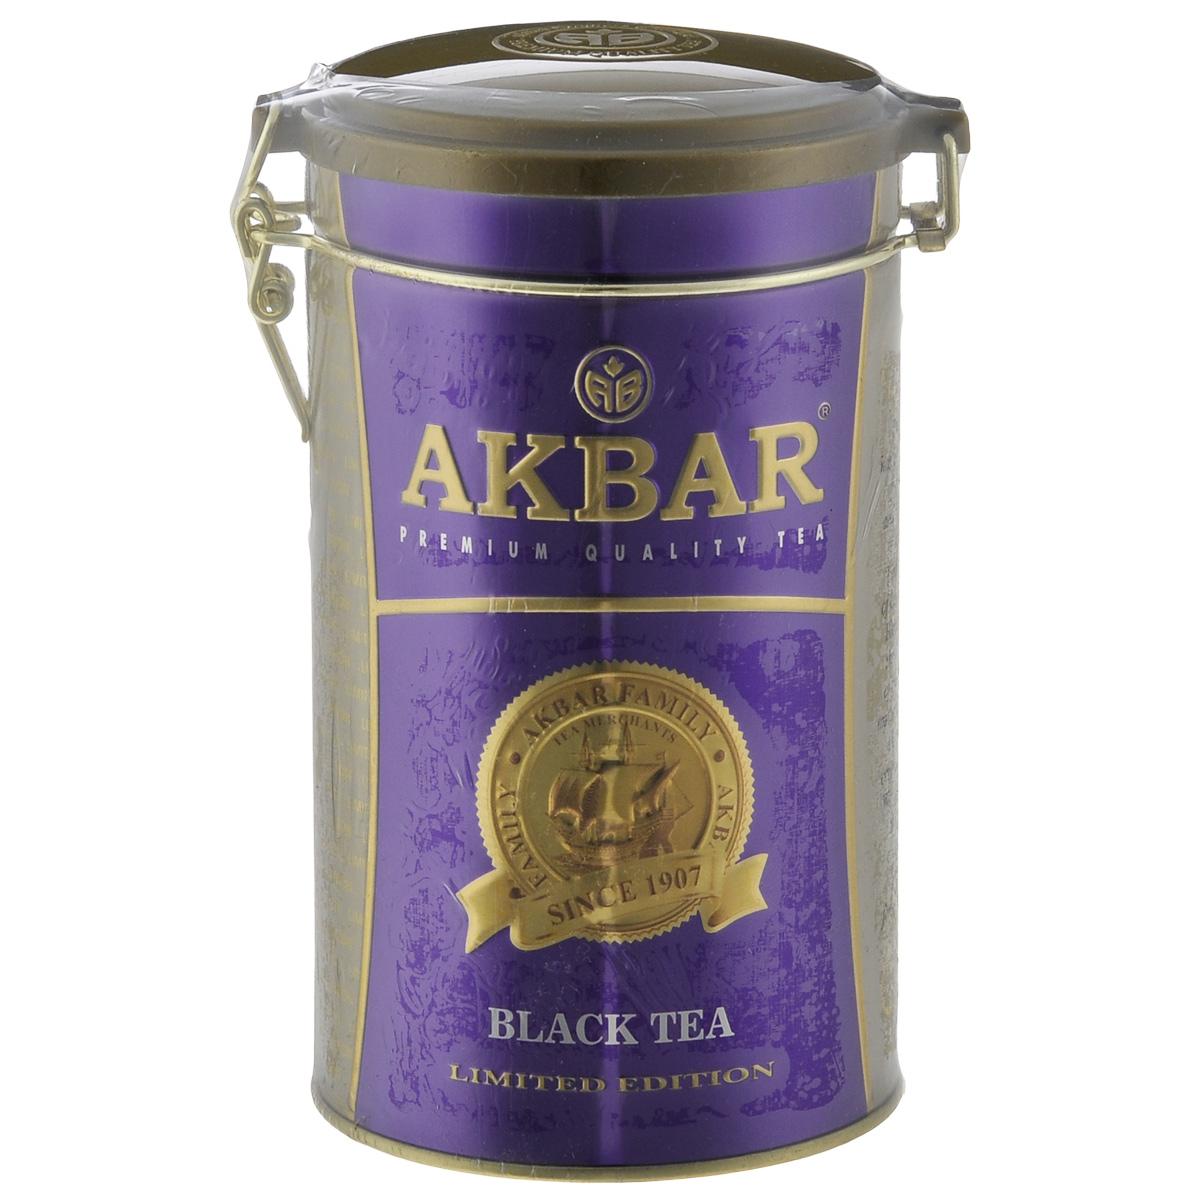 Akbar 100 Years черный листовой чай, 150 г0120710Крупнолистовой, обладающий неповторимым вкусом, душистый чай Akbar 100 Years Purple выращивается без использования химических удобрений всего лишь на нескольких элитных равнинных чайных плантациях, расположенных в цейлонских провинциях Ruhuna и Sabaragamuwa, на высоте не более 1500 футов над уровнем моря.